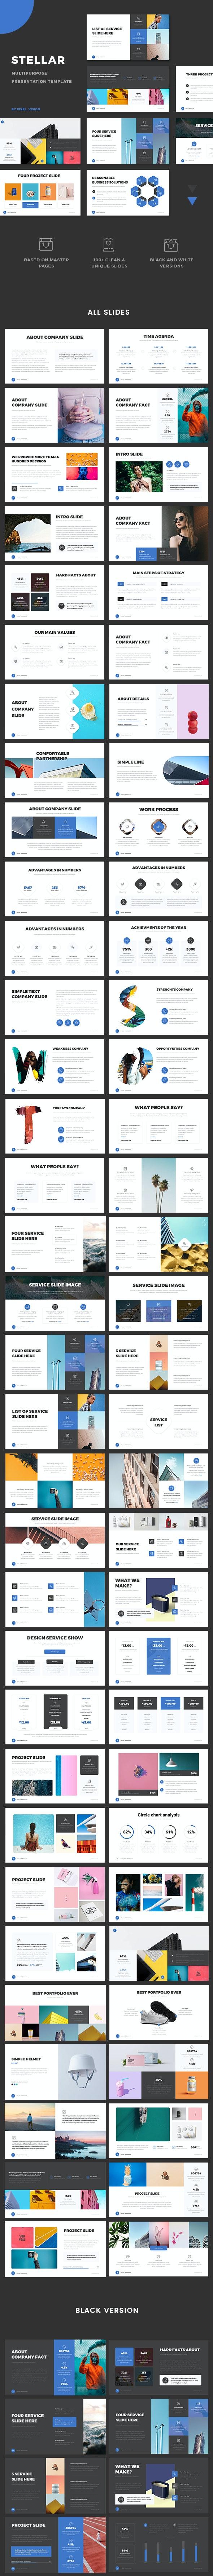 Stellar - Corporate Presentation - PowerPoint Templates Presentation Templates